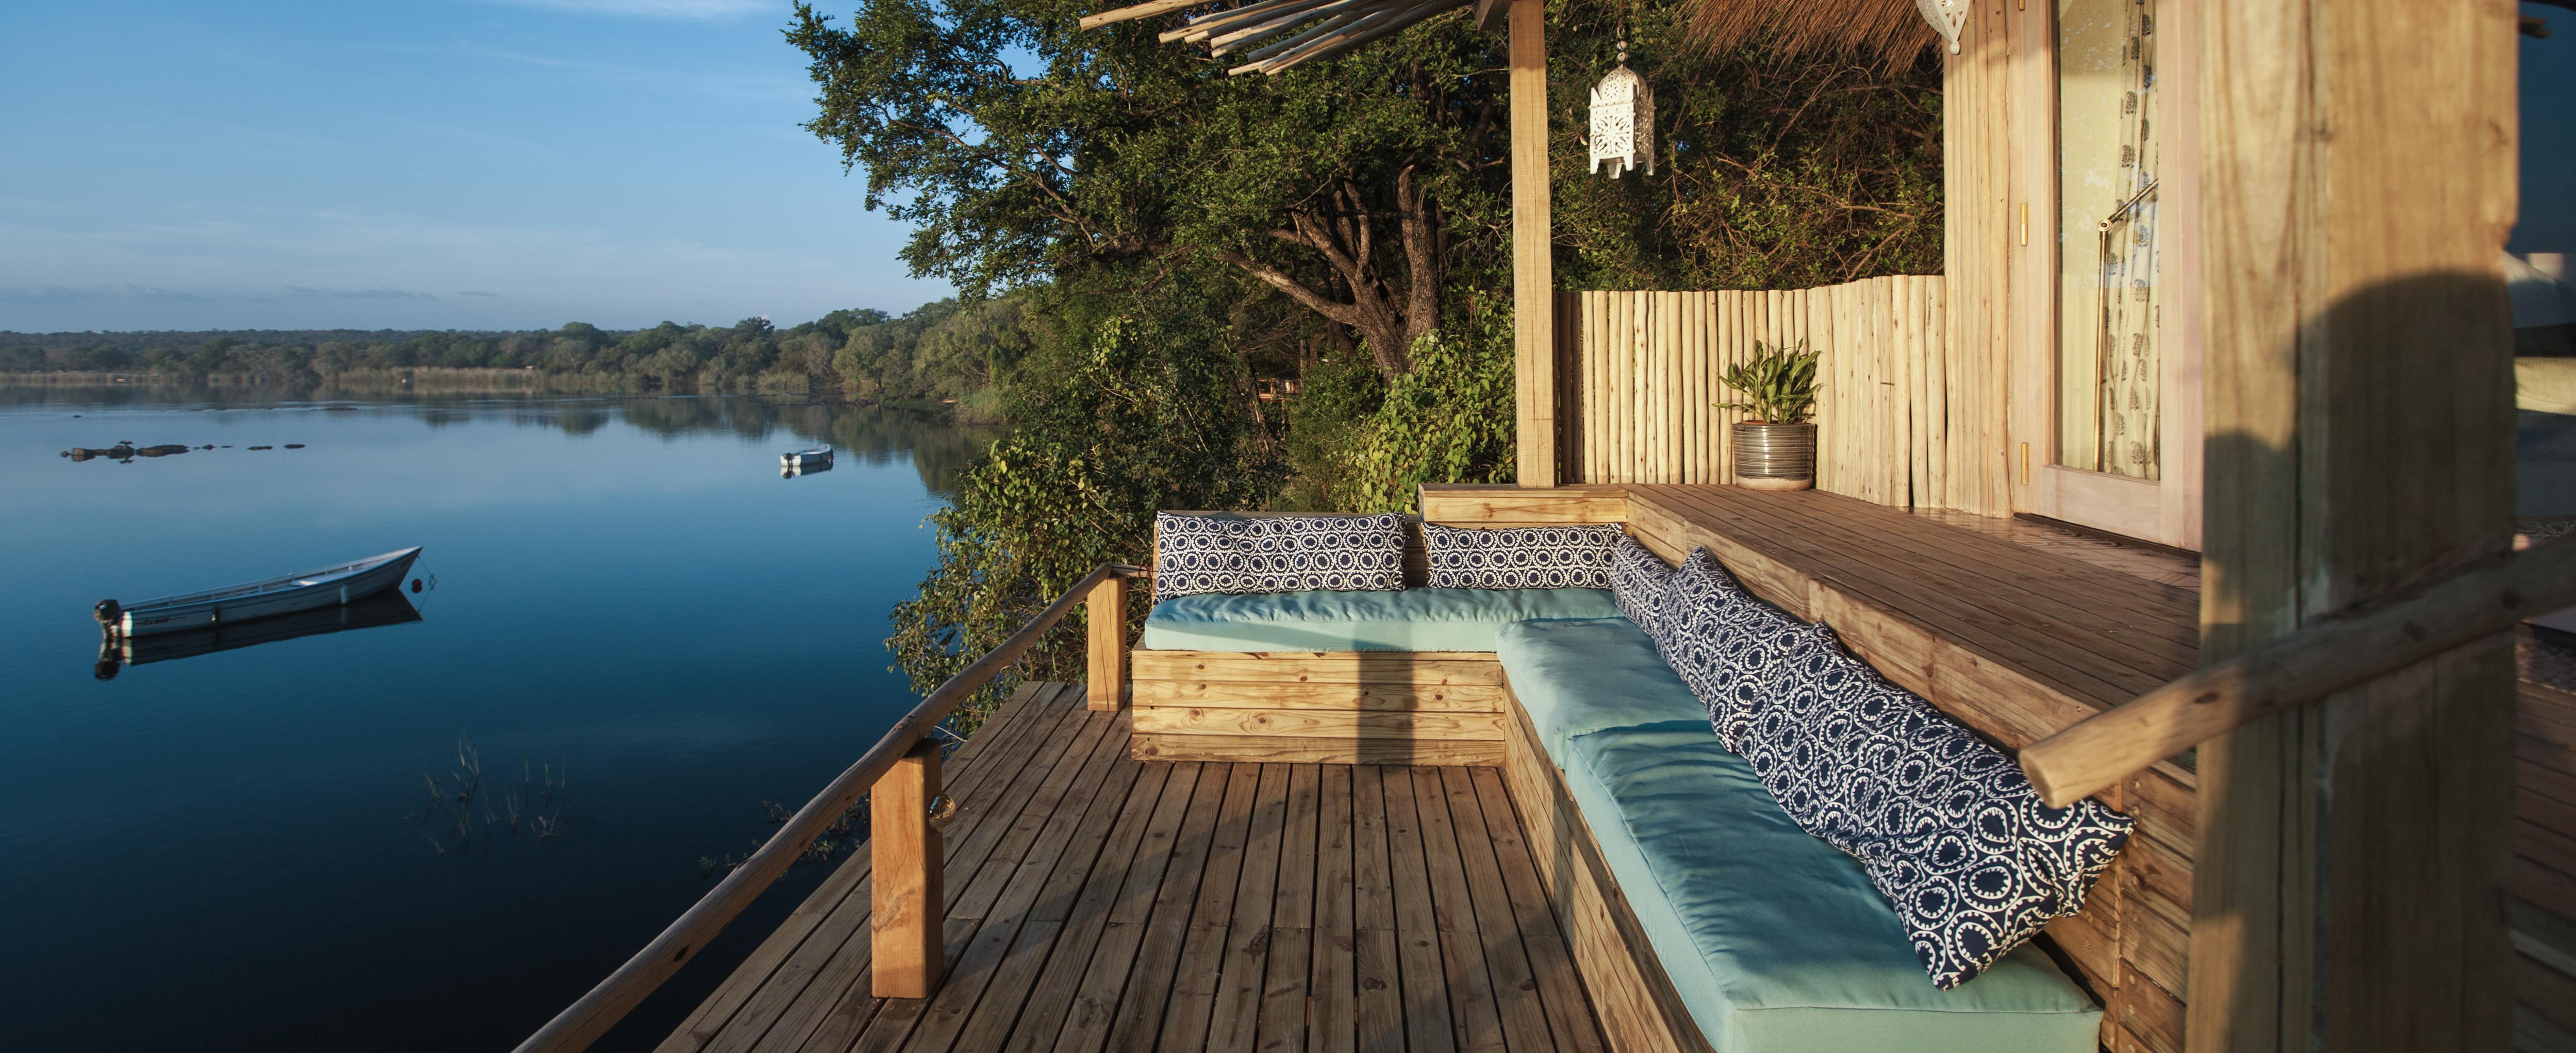 tongabezi-lodge-hangout-deck